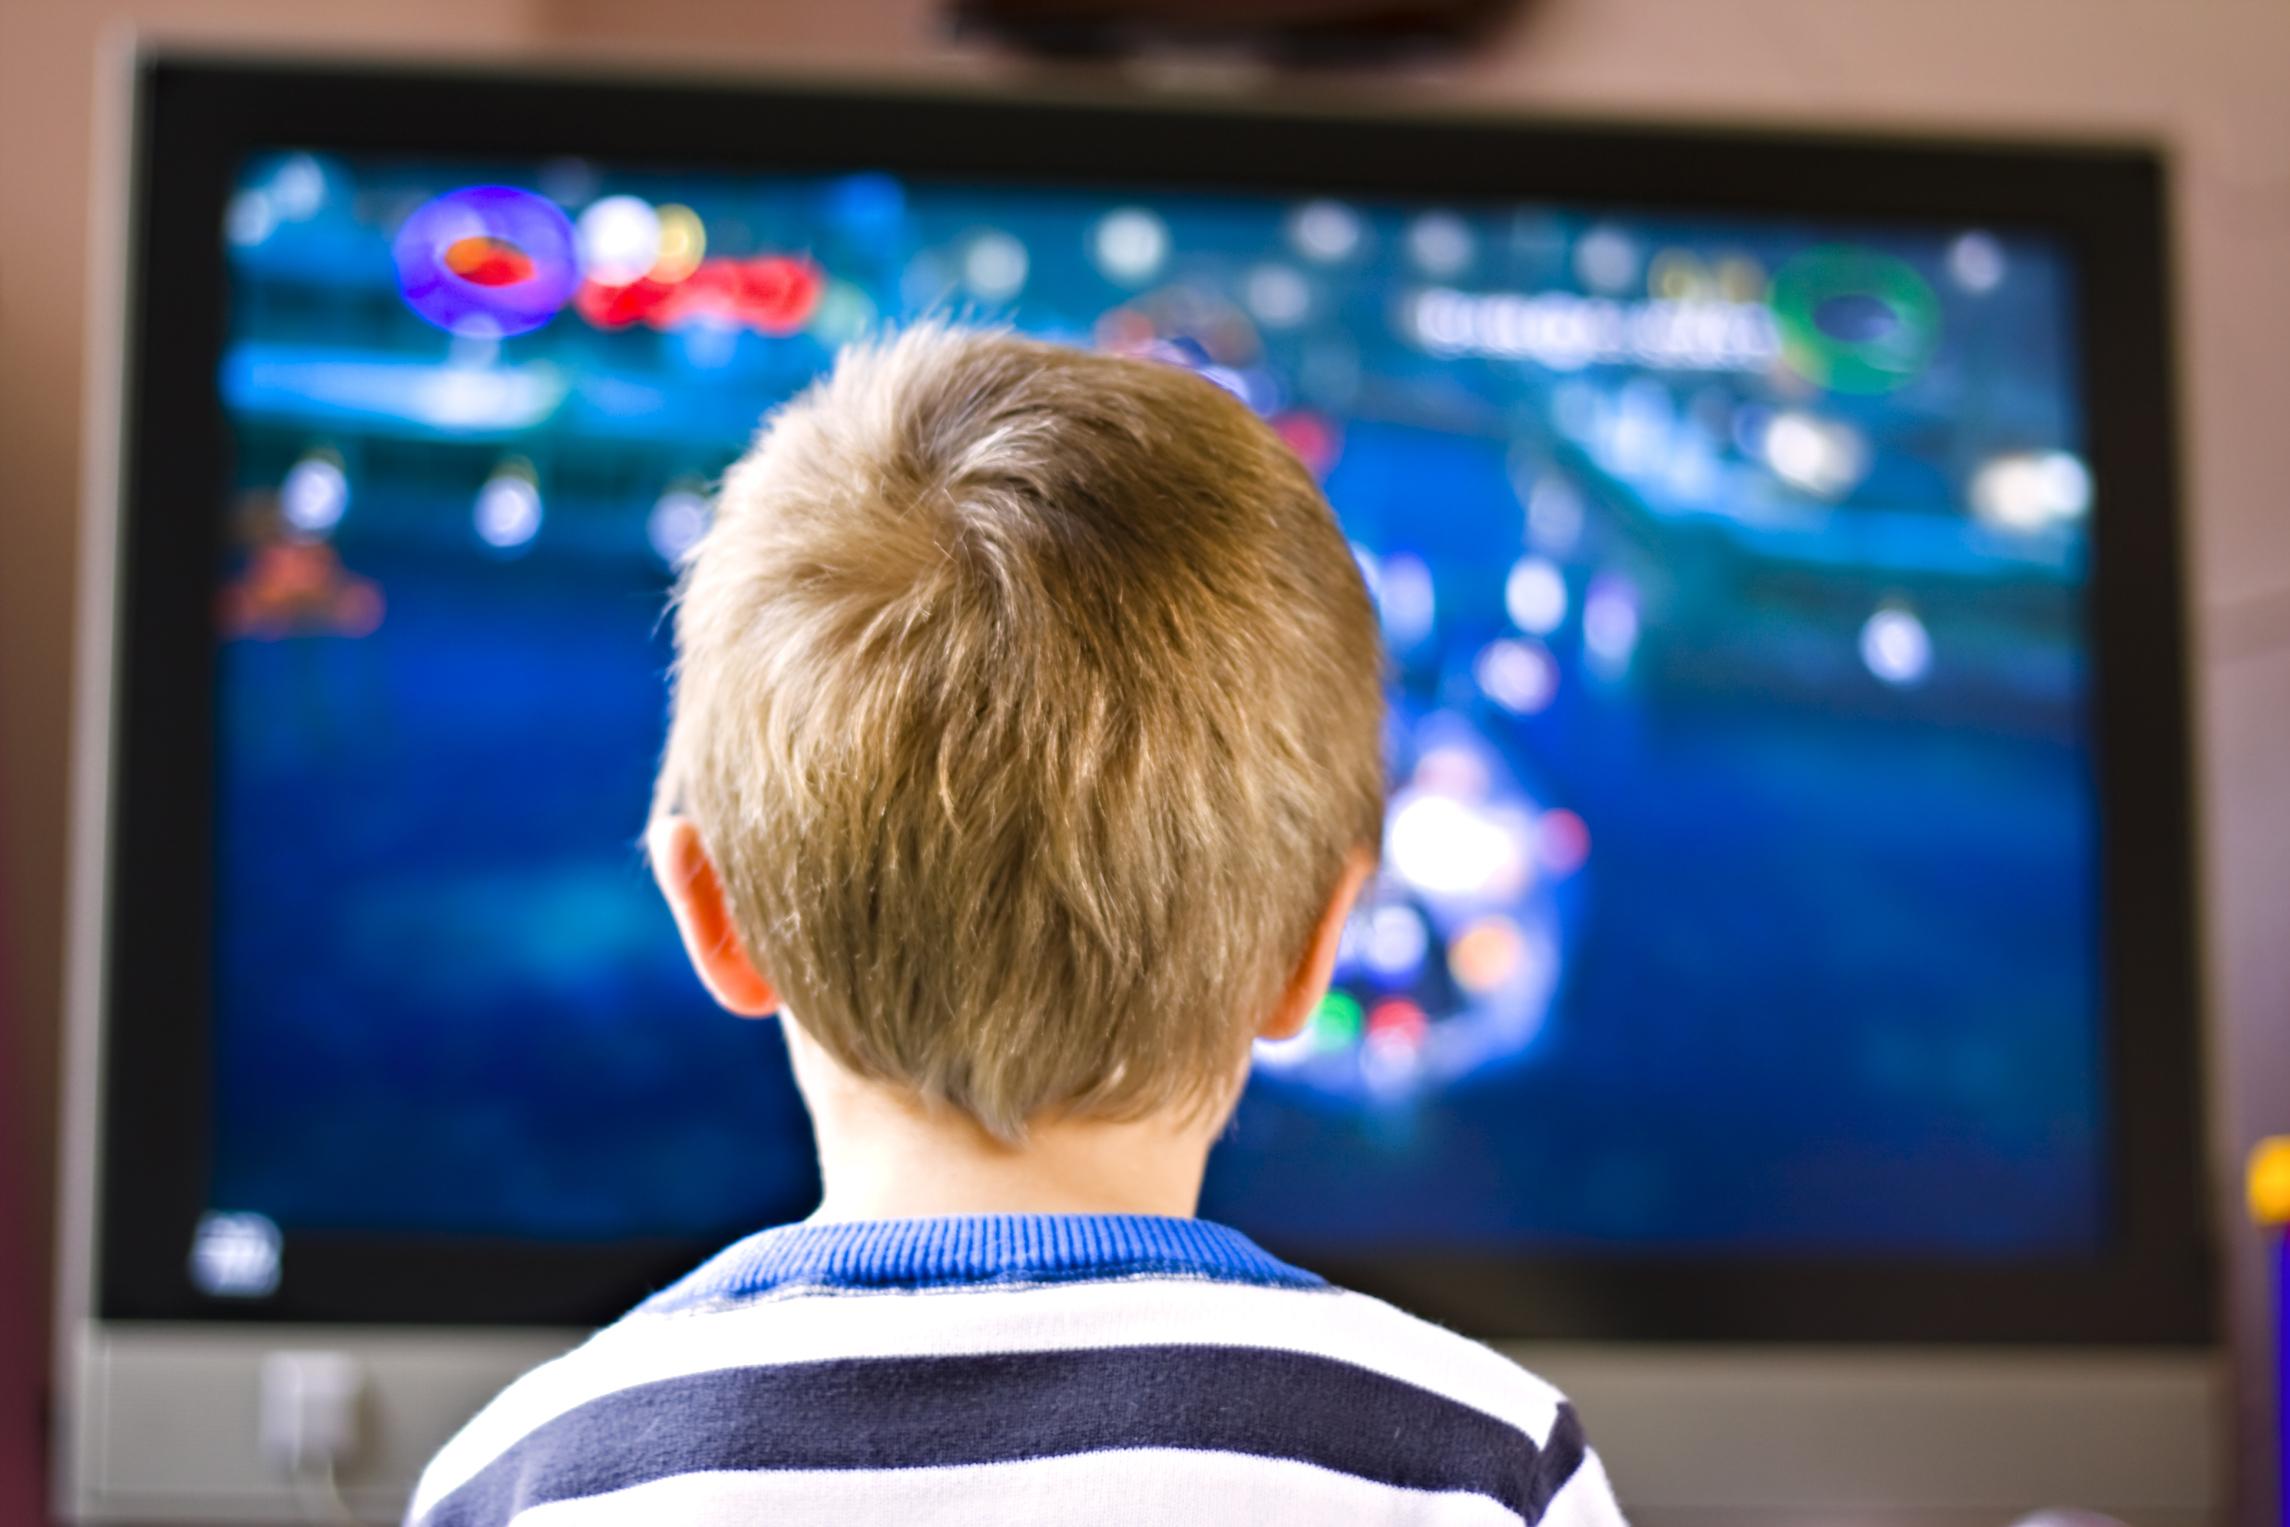 طفلي يقضي ساعات طويلة امام التلفاز ماذا أفعل لإبعاده ؟